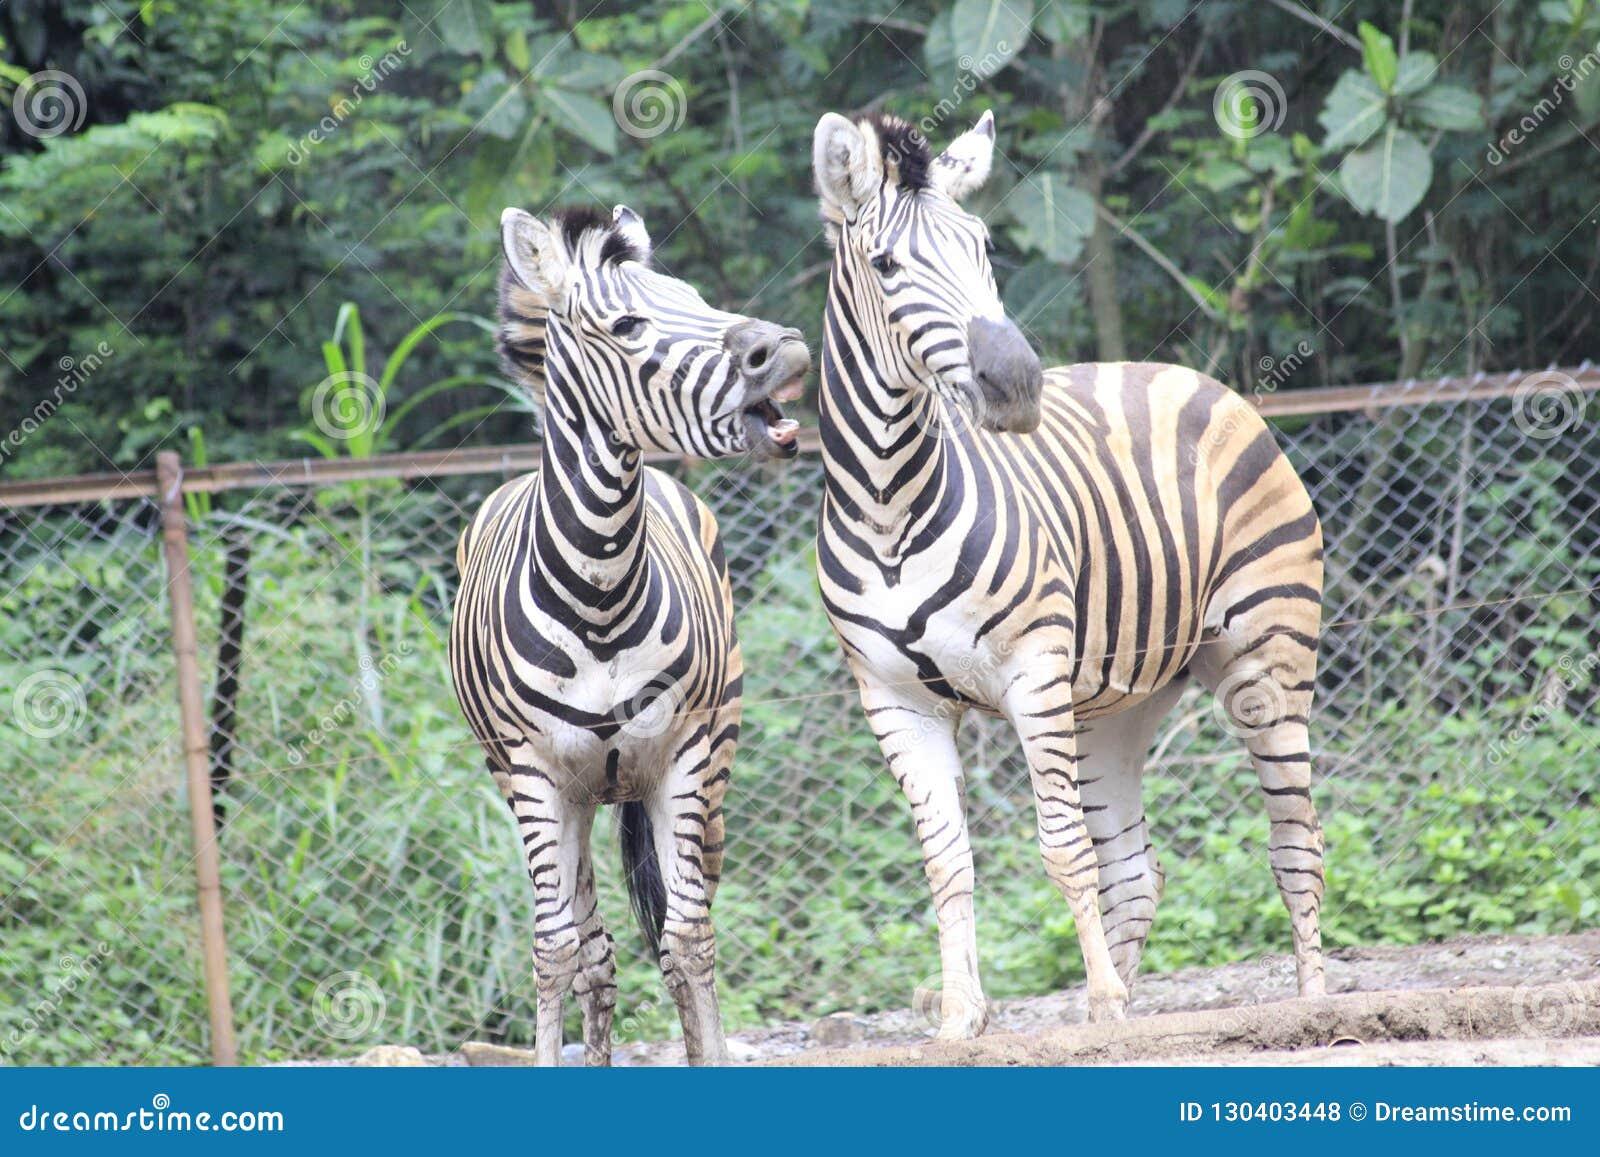 Με ραβδώσεις στο ζωολογικό κήπο Bandung Ινδονησία 6